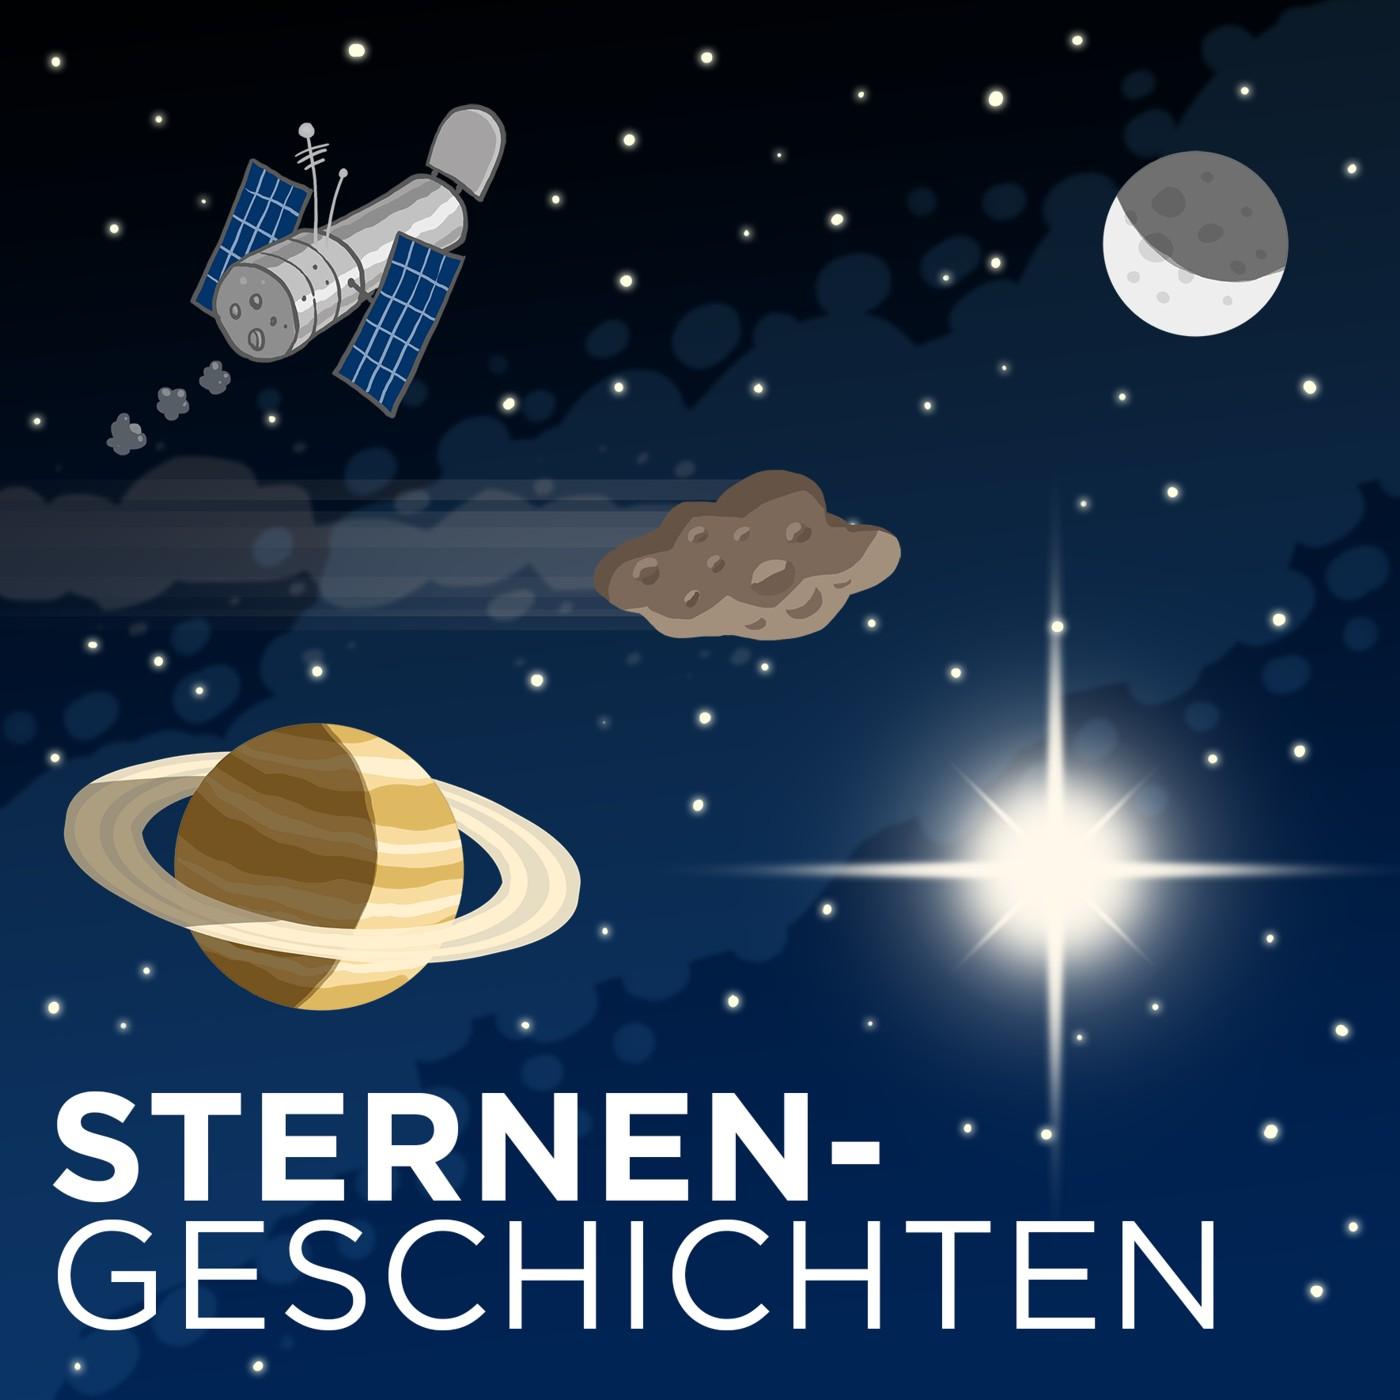 Sternengeschichten Folge 378: Die Karman-Line - Wo beginnt der Weltraum?